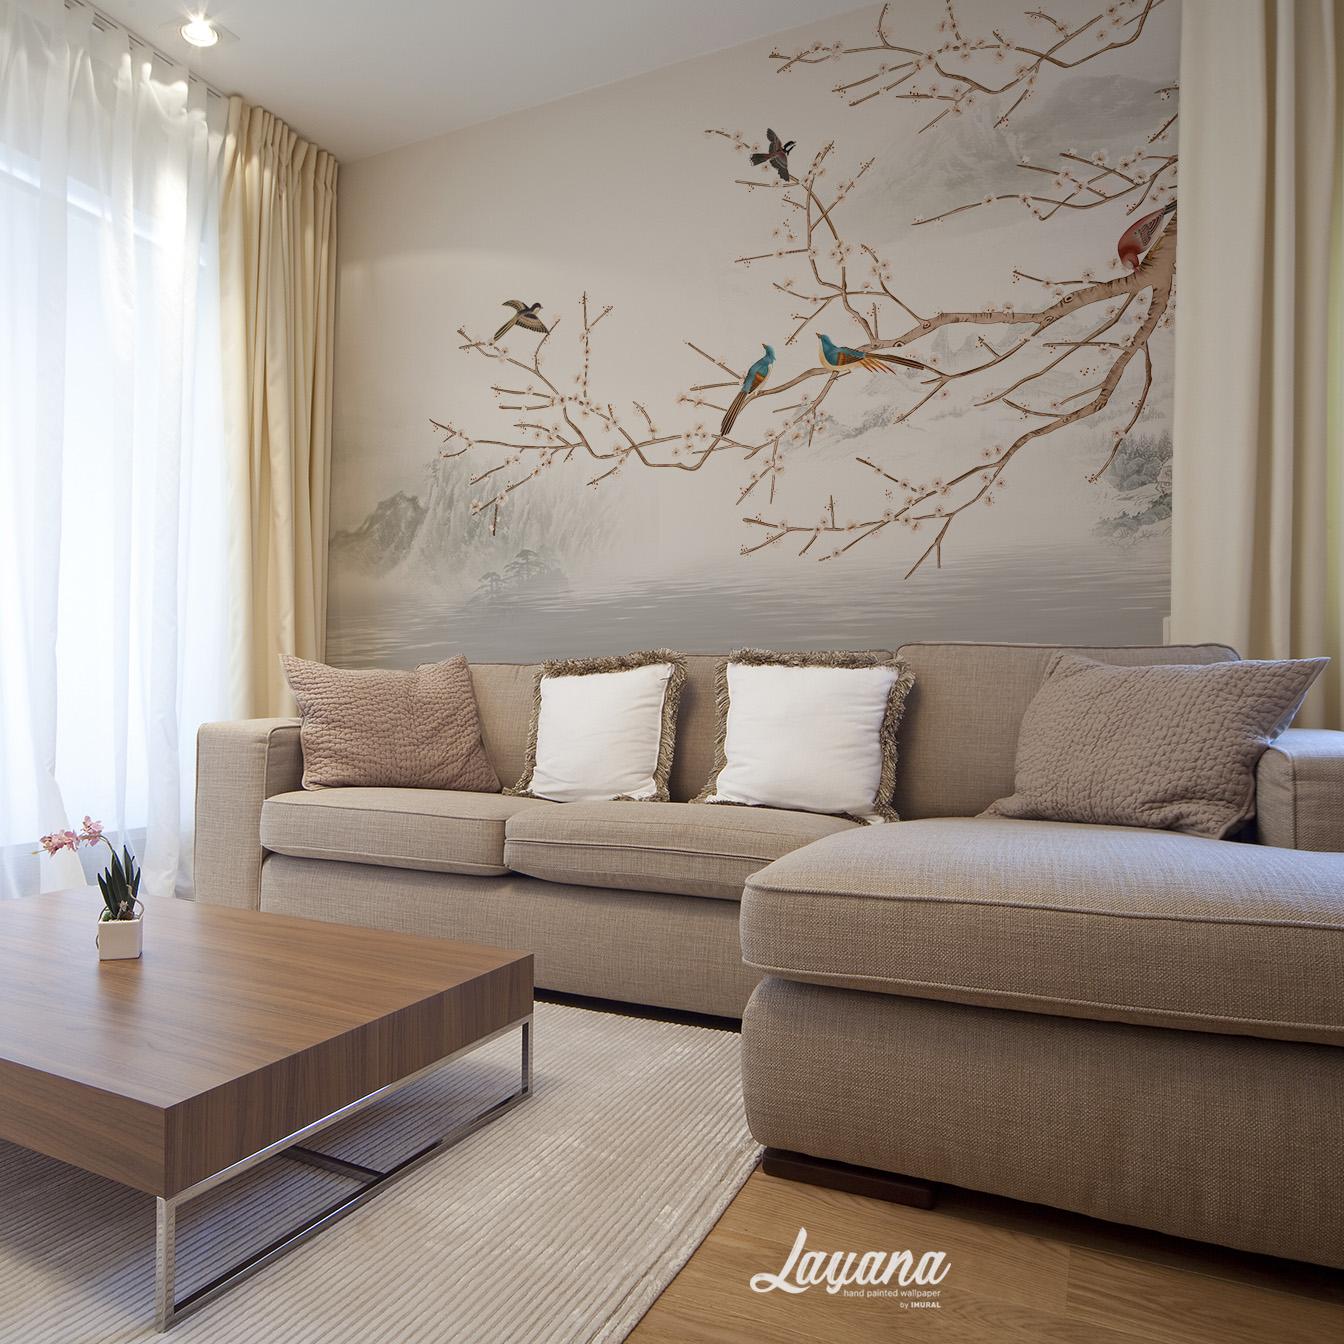 Wallpaper, Solusi Dekorasi Dinding Rumah Yang Ramah Budget